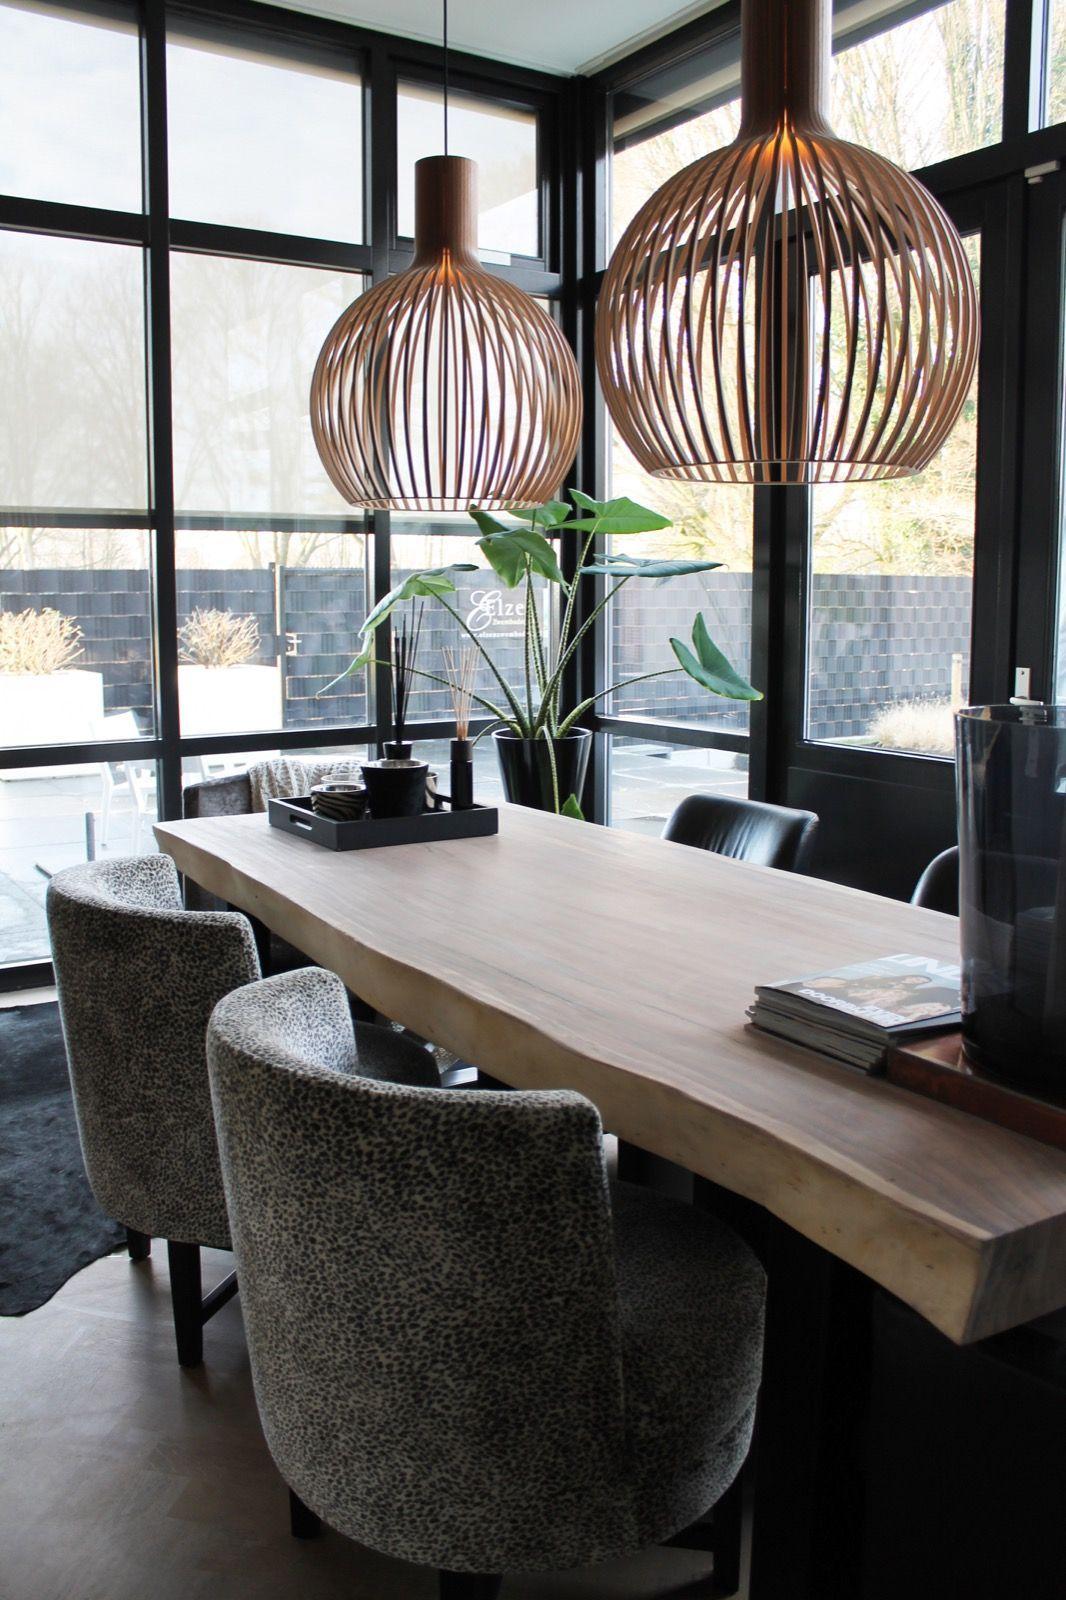 Heerenhuys Interieurs - Loft Schoolgebouw - Hoog ■ Exclusieve woon- en tuin inspiratie. #Lamps